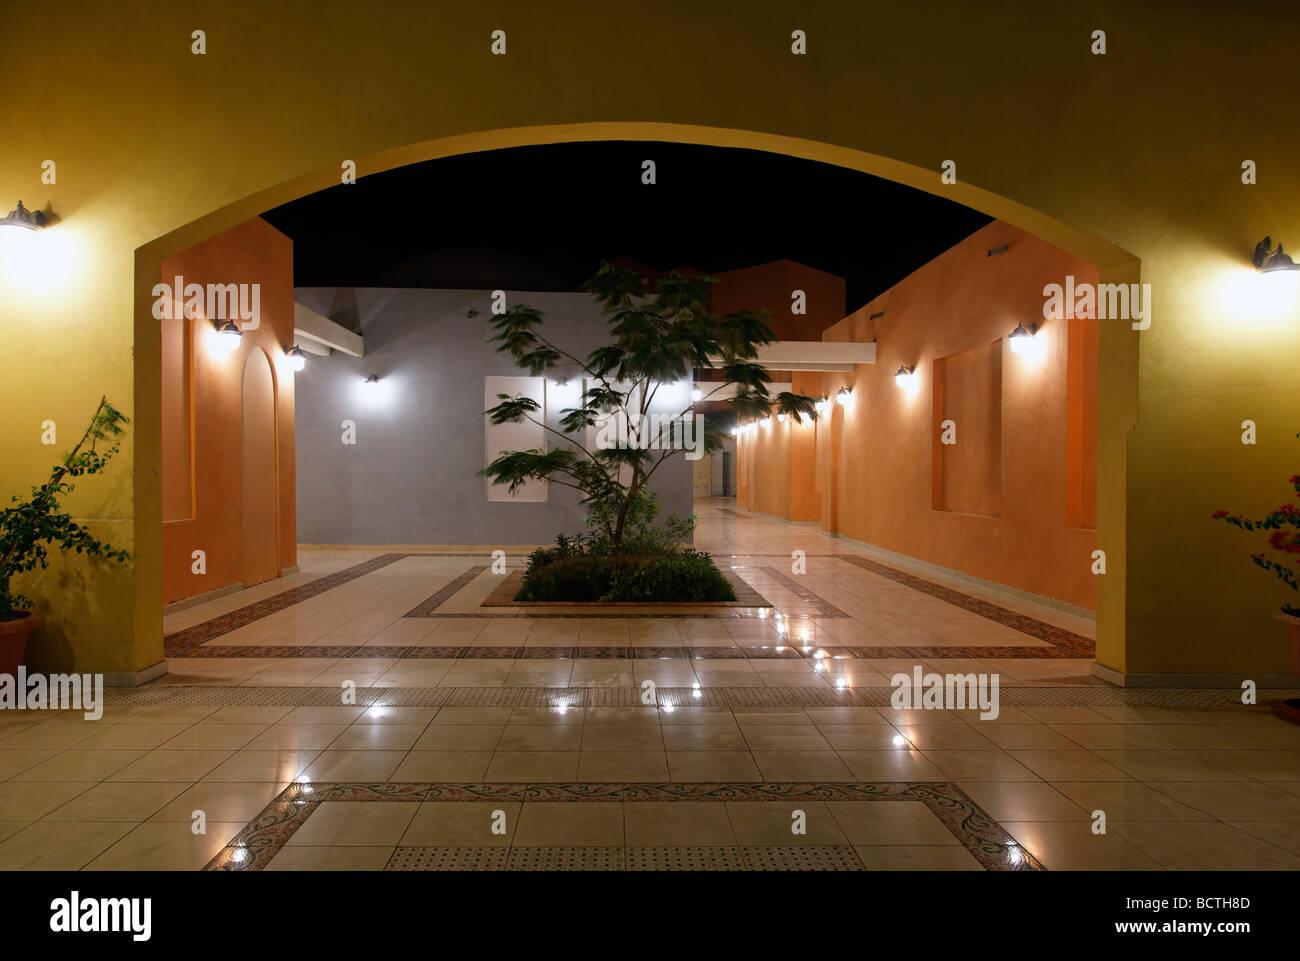 Patio interior, iluminado, noche, mercado tradicional, souk, Hurghada, Egipto, Mar Rojo, África Imagen De Stock